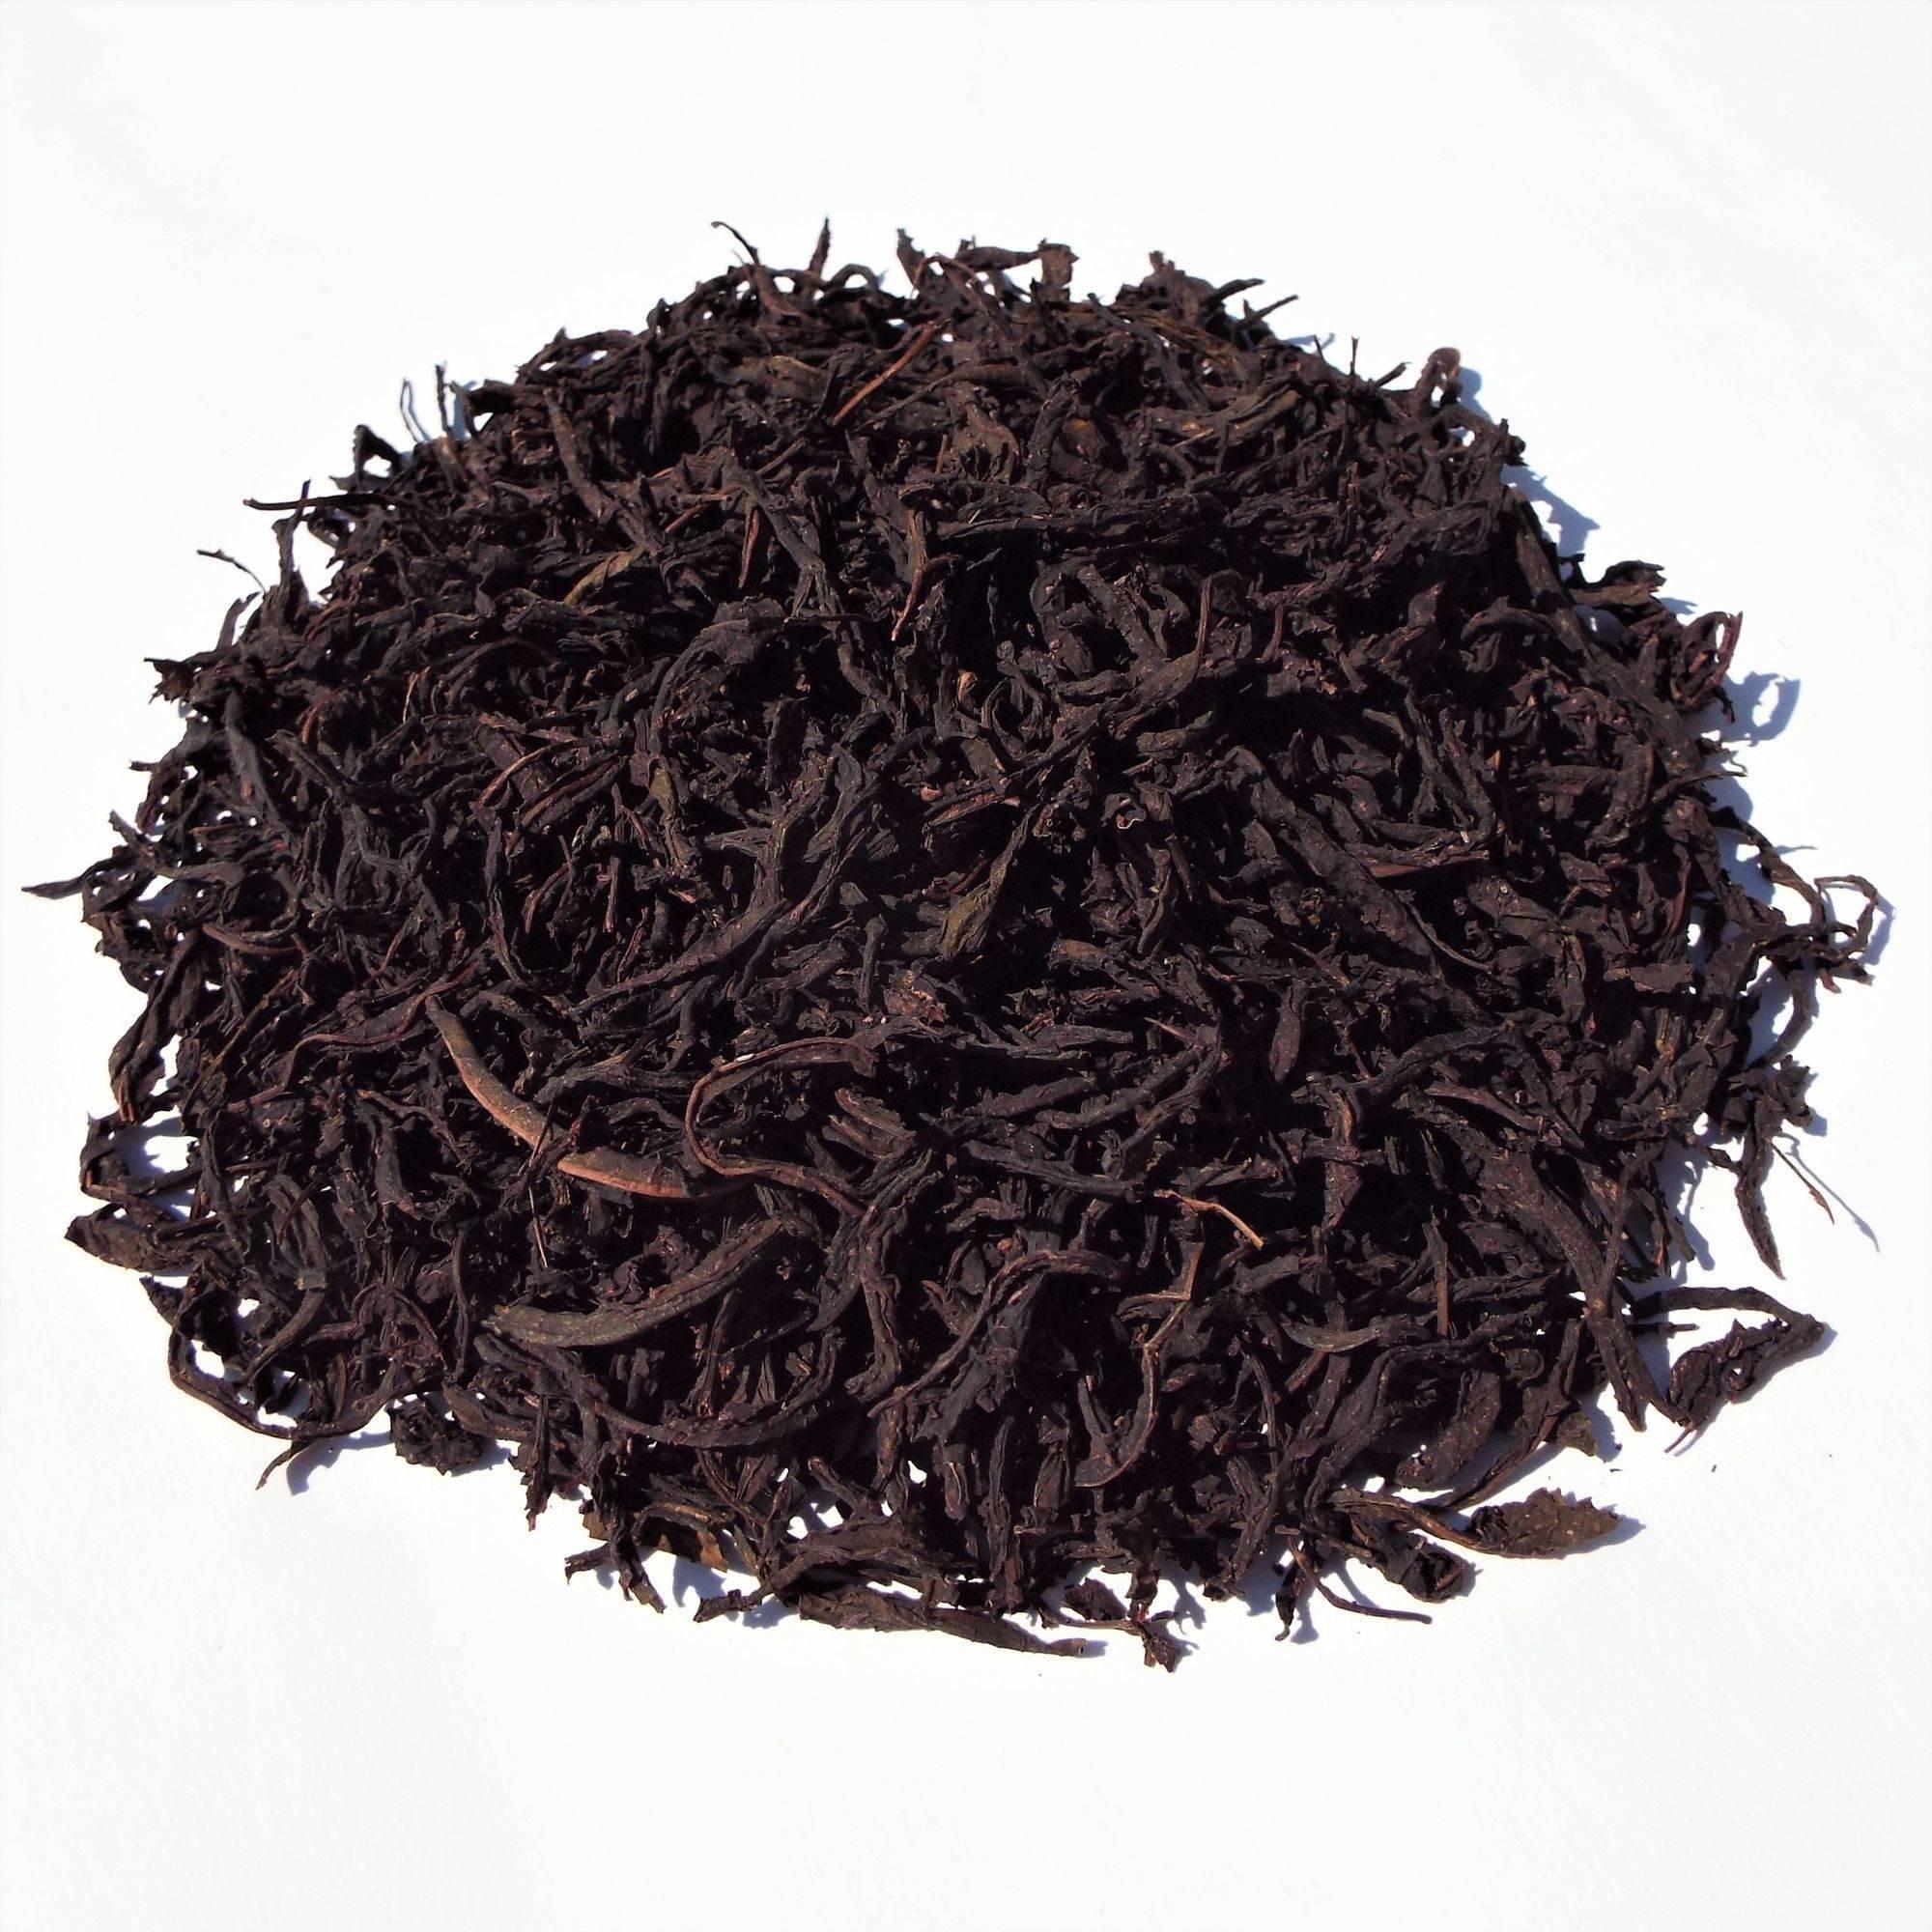 Выбираем лучшие сорта чая в 2021 году. рейтинг самых популярных сортов